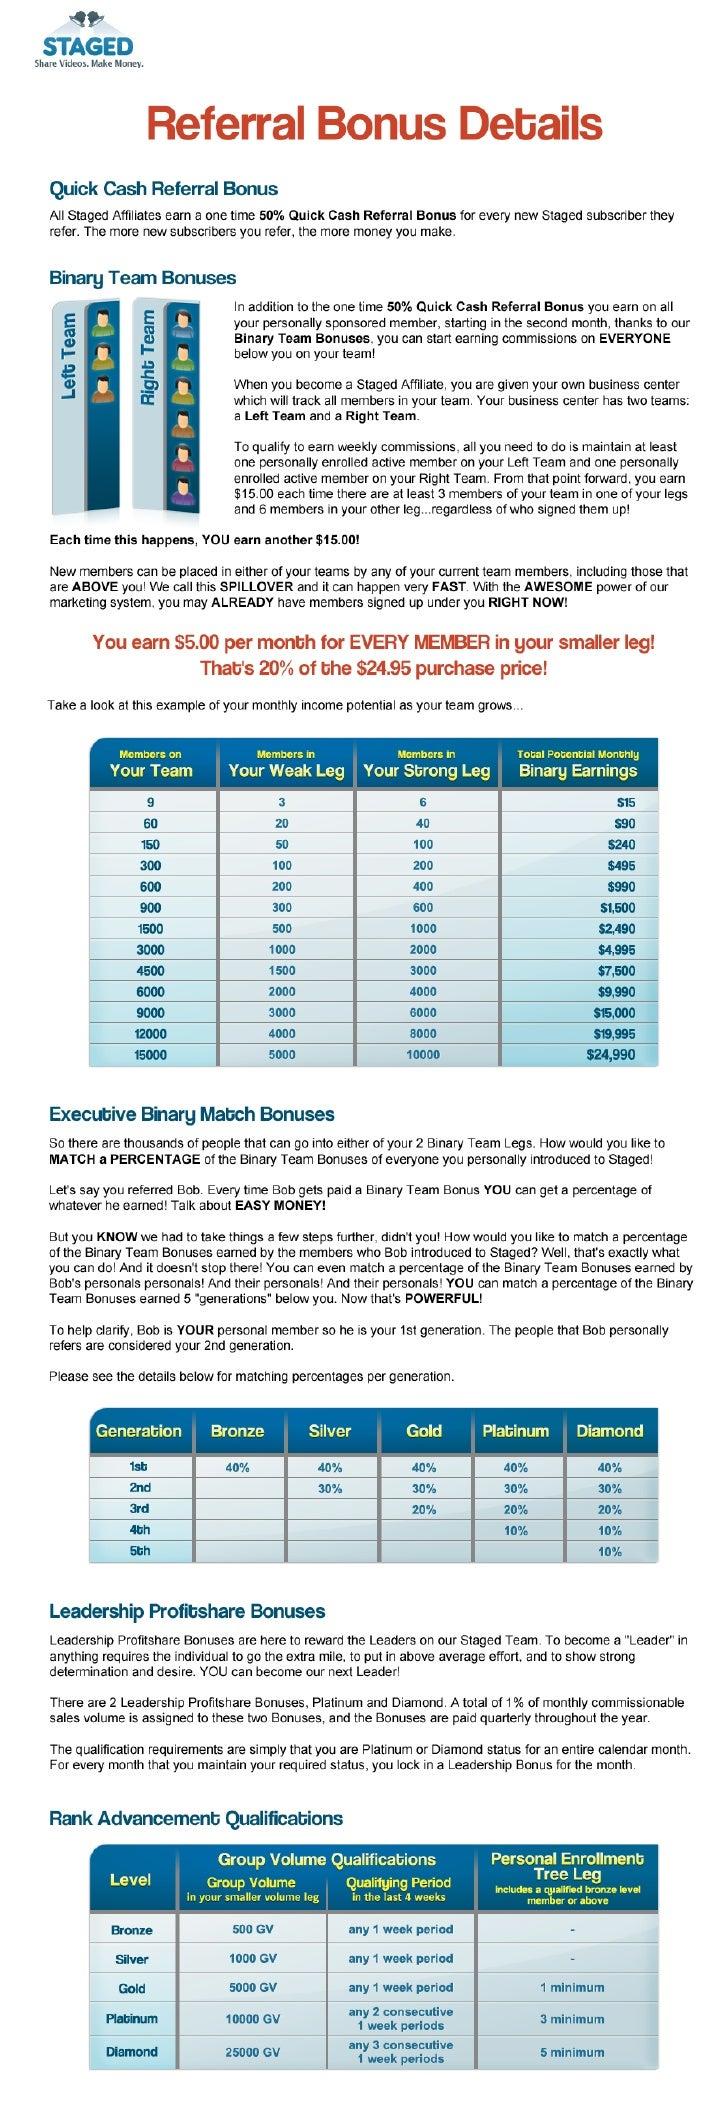 Staged referral bonus